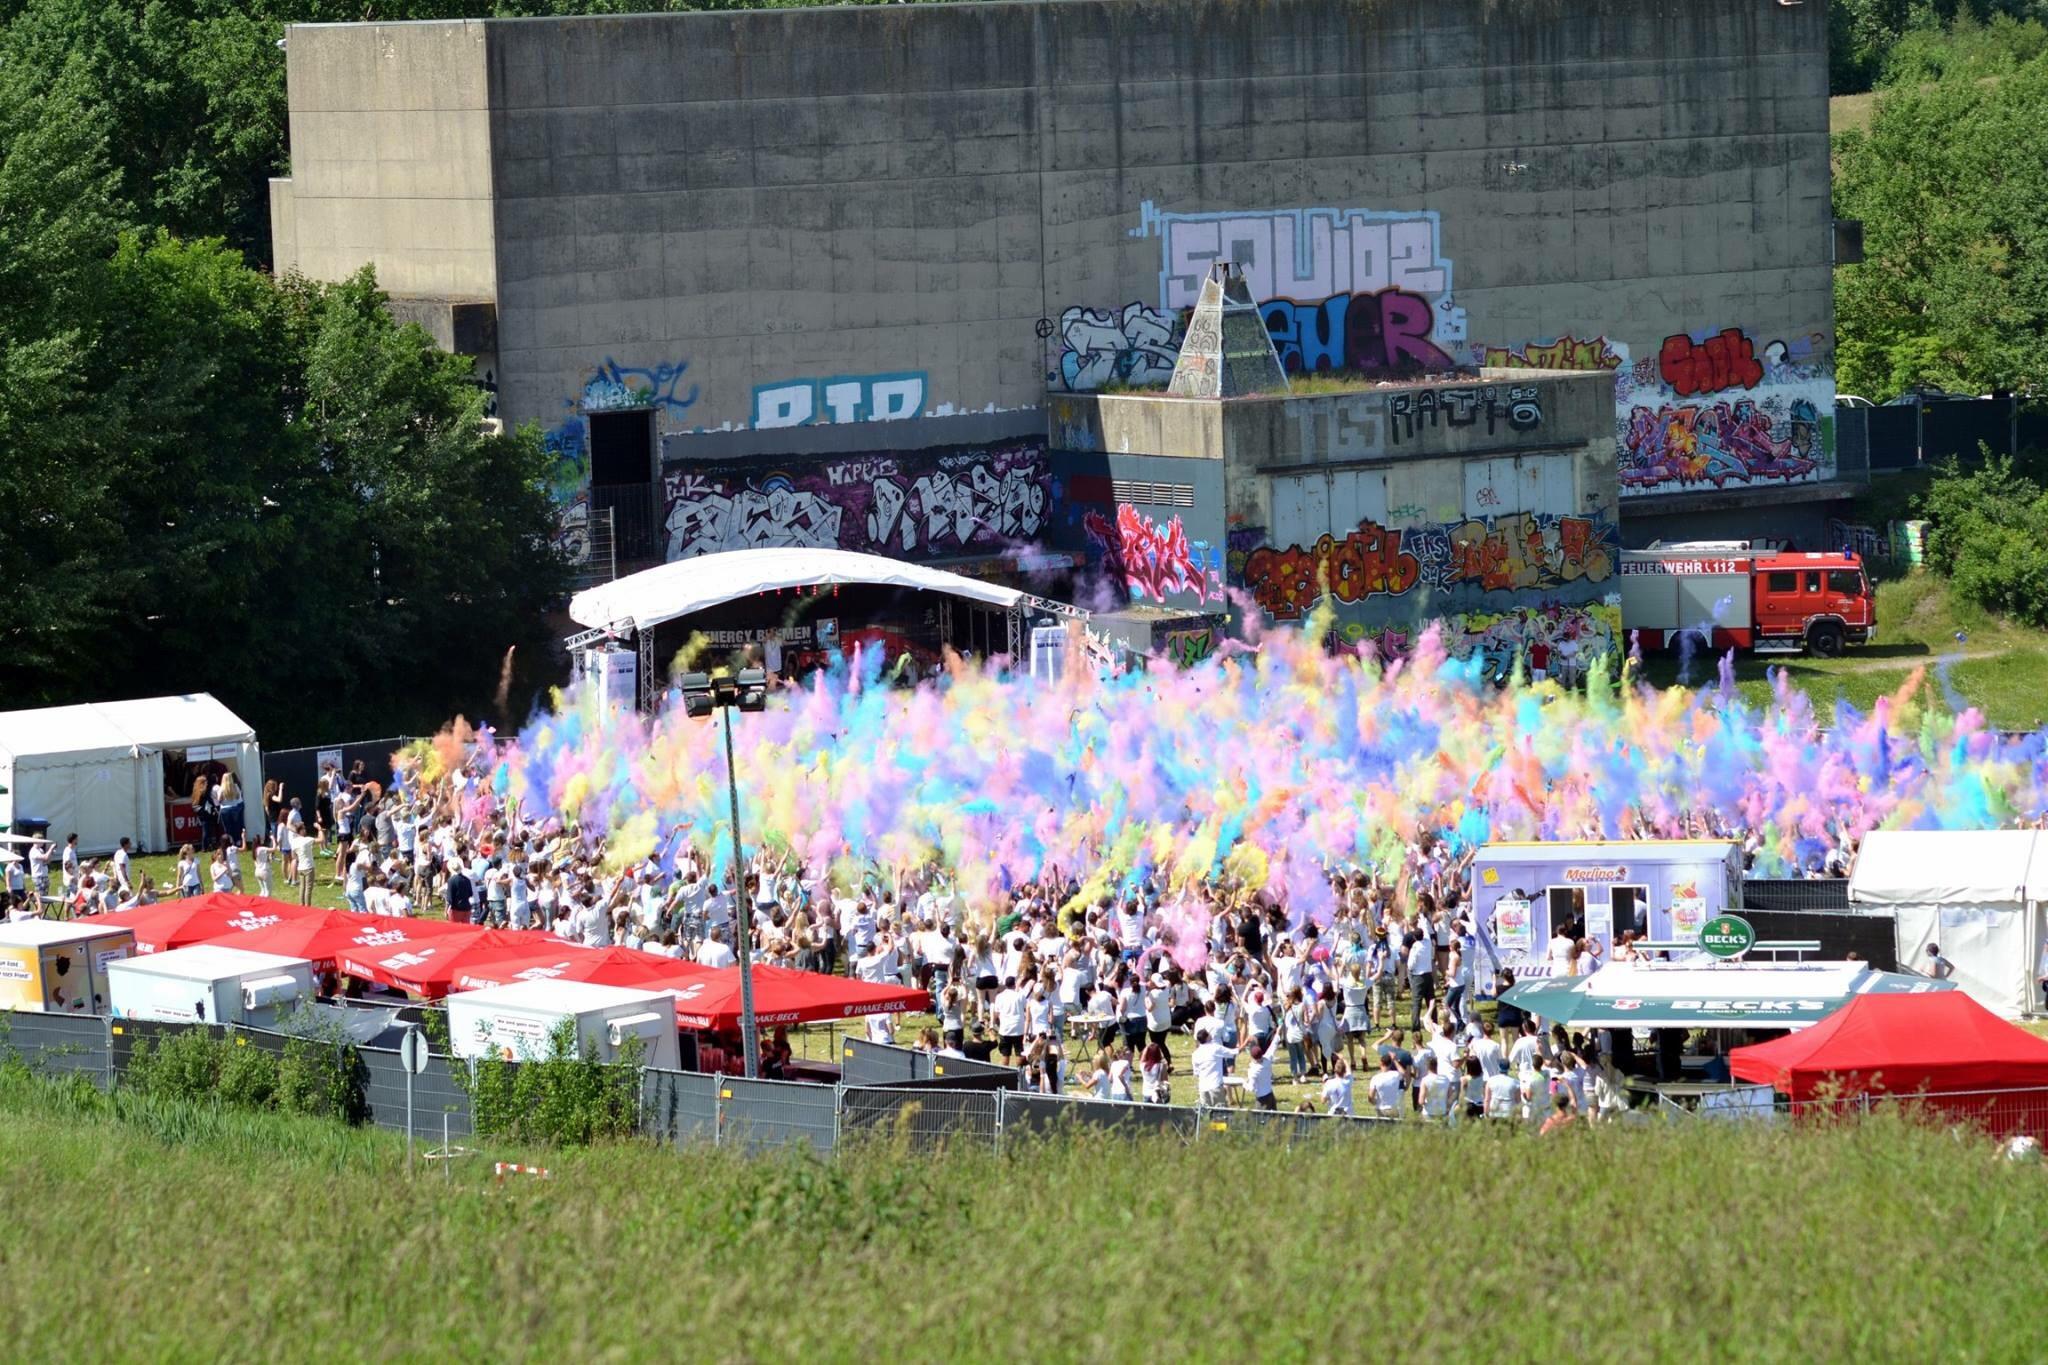 Und hier noch weitere Eindrücke vom Holi Fest am Osternburger Utkiek.